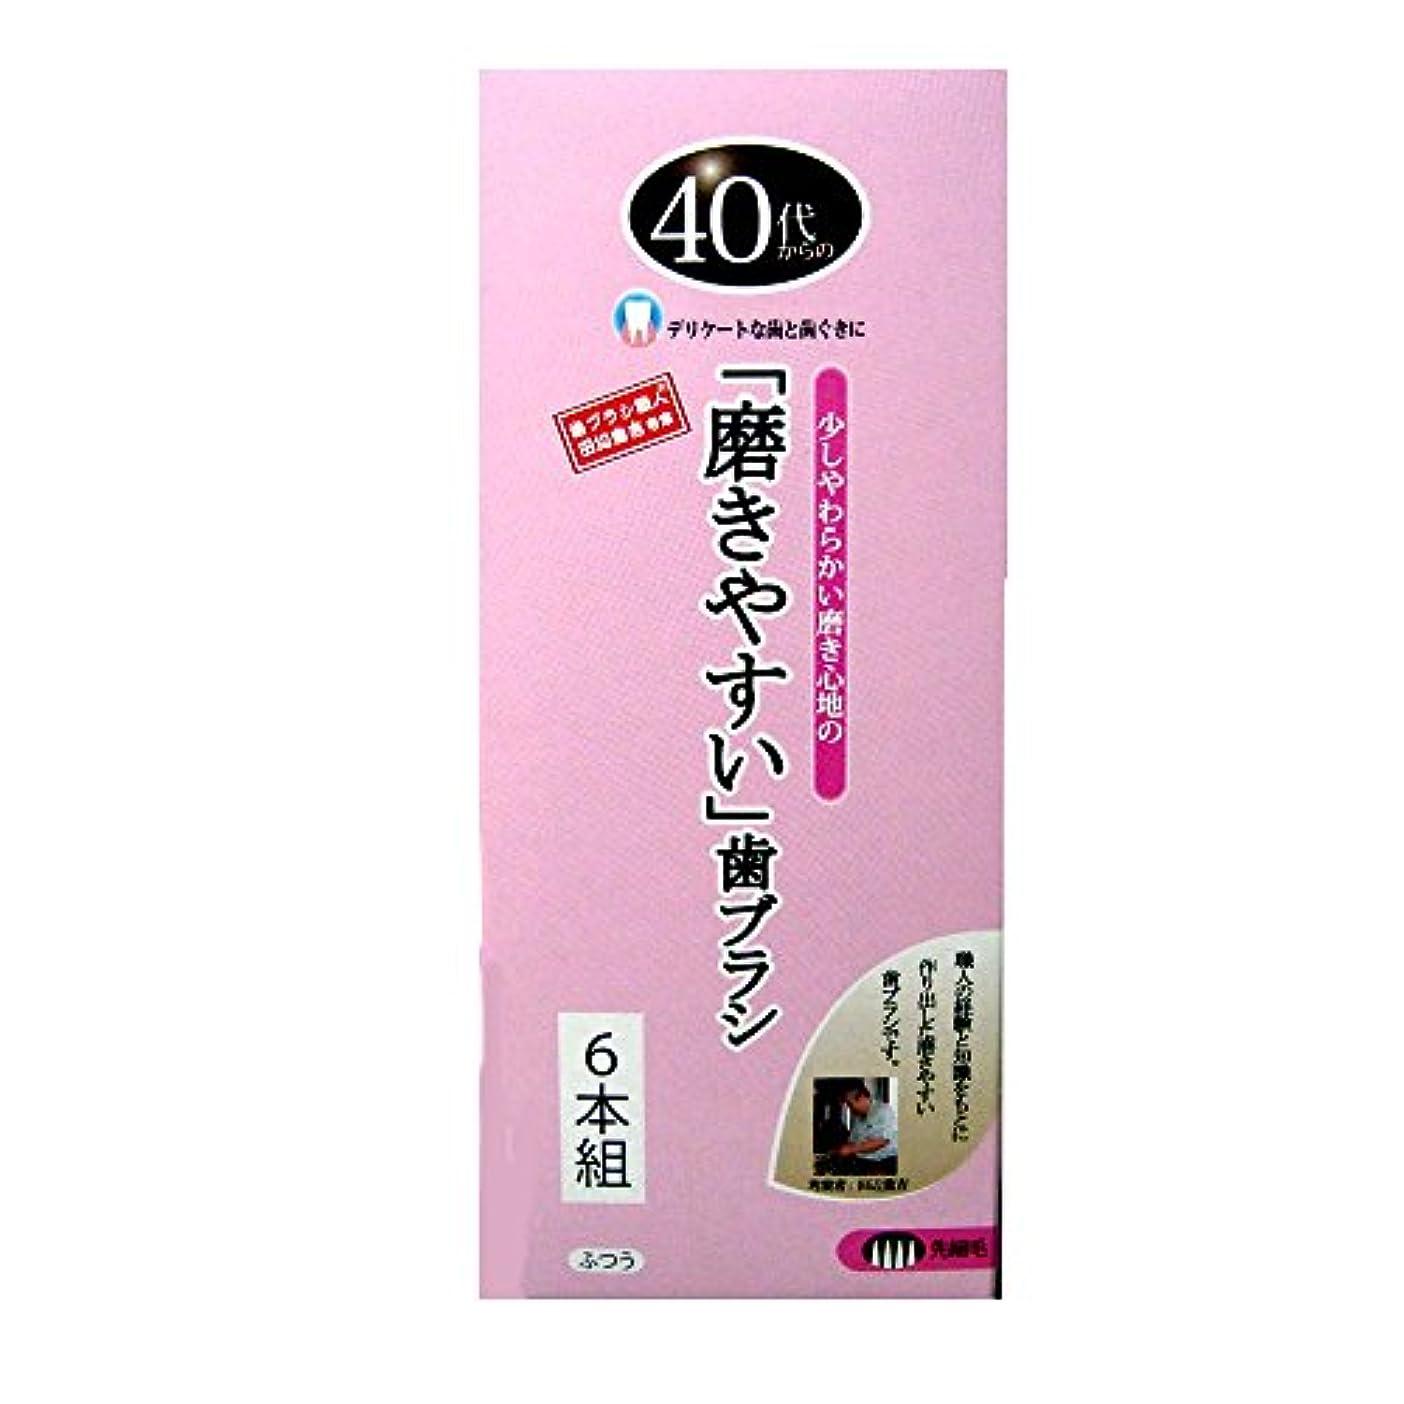 再生ヘビー憲法ライフレンジ 磨きやすい歯ブラシ 40代から ふつう LT-115 6本組 4560292169909